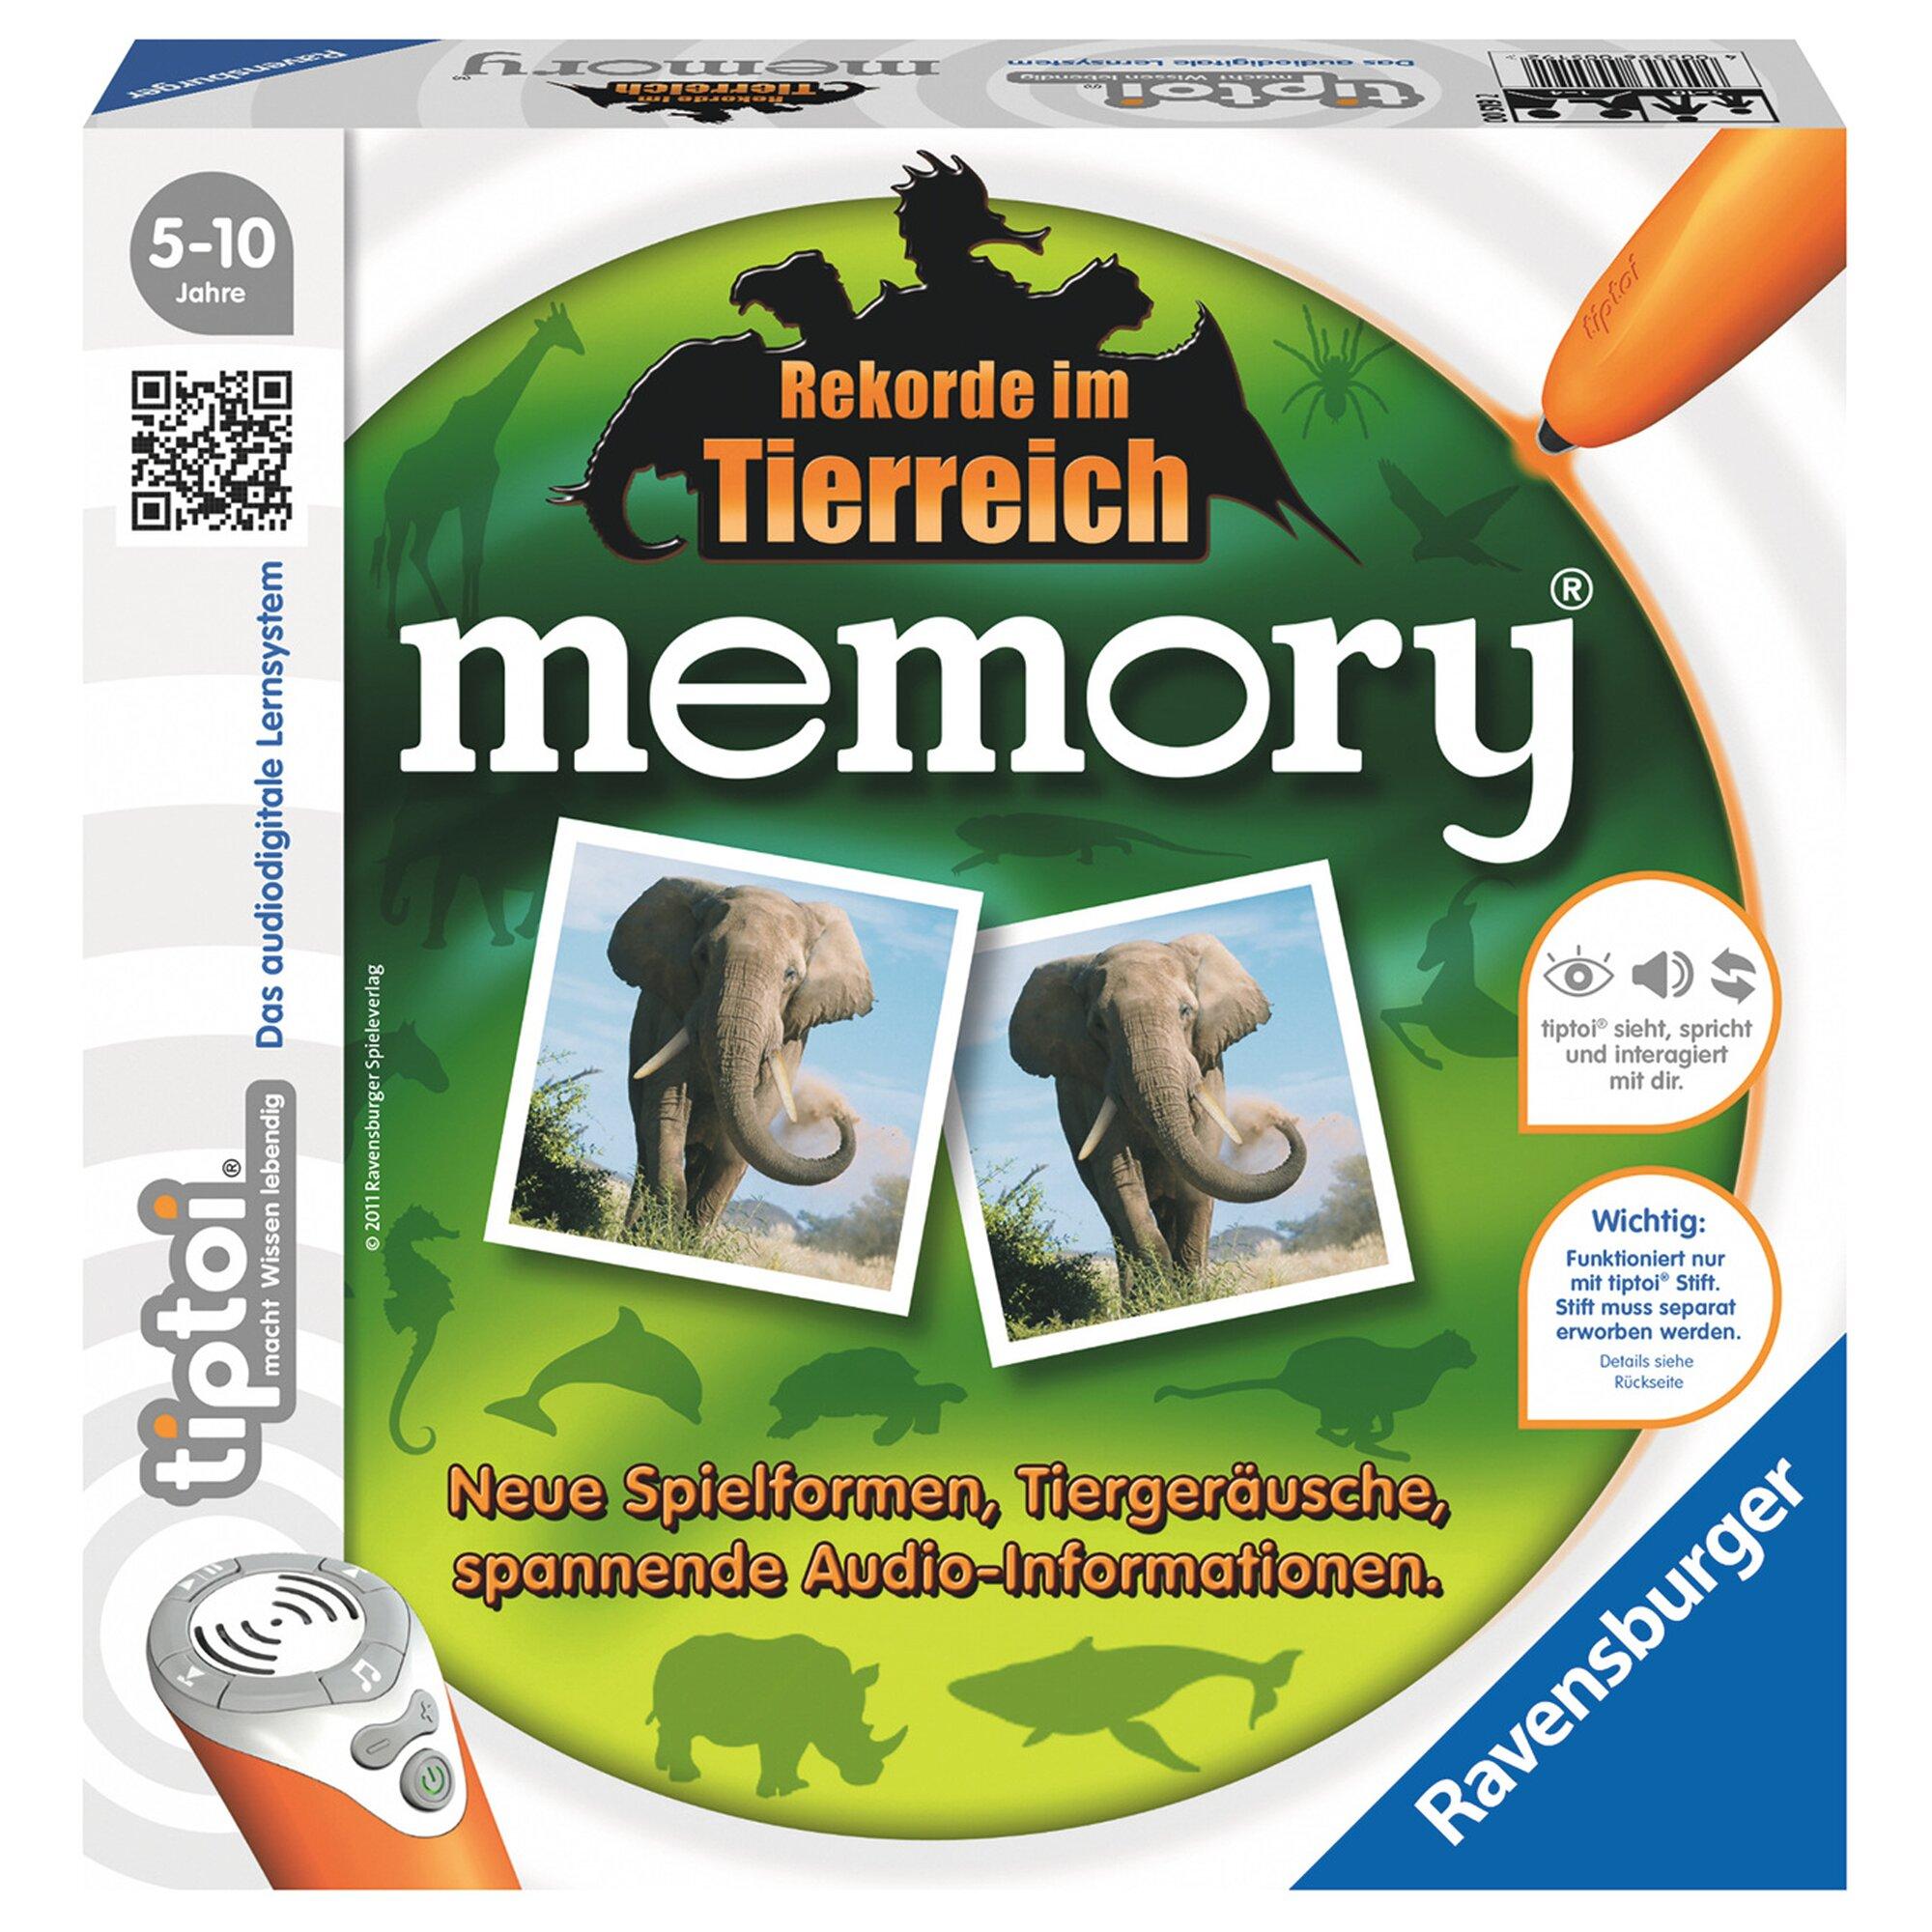 Tiptoi tiptoi® memory Rekorde im Tierreich, Legespiel